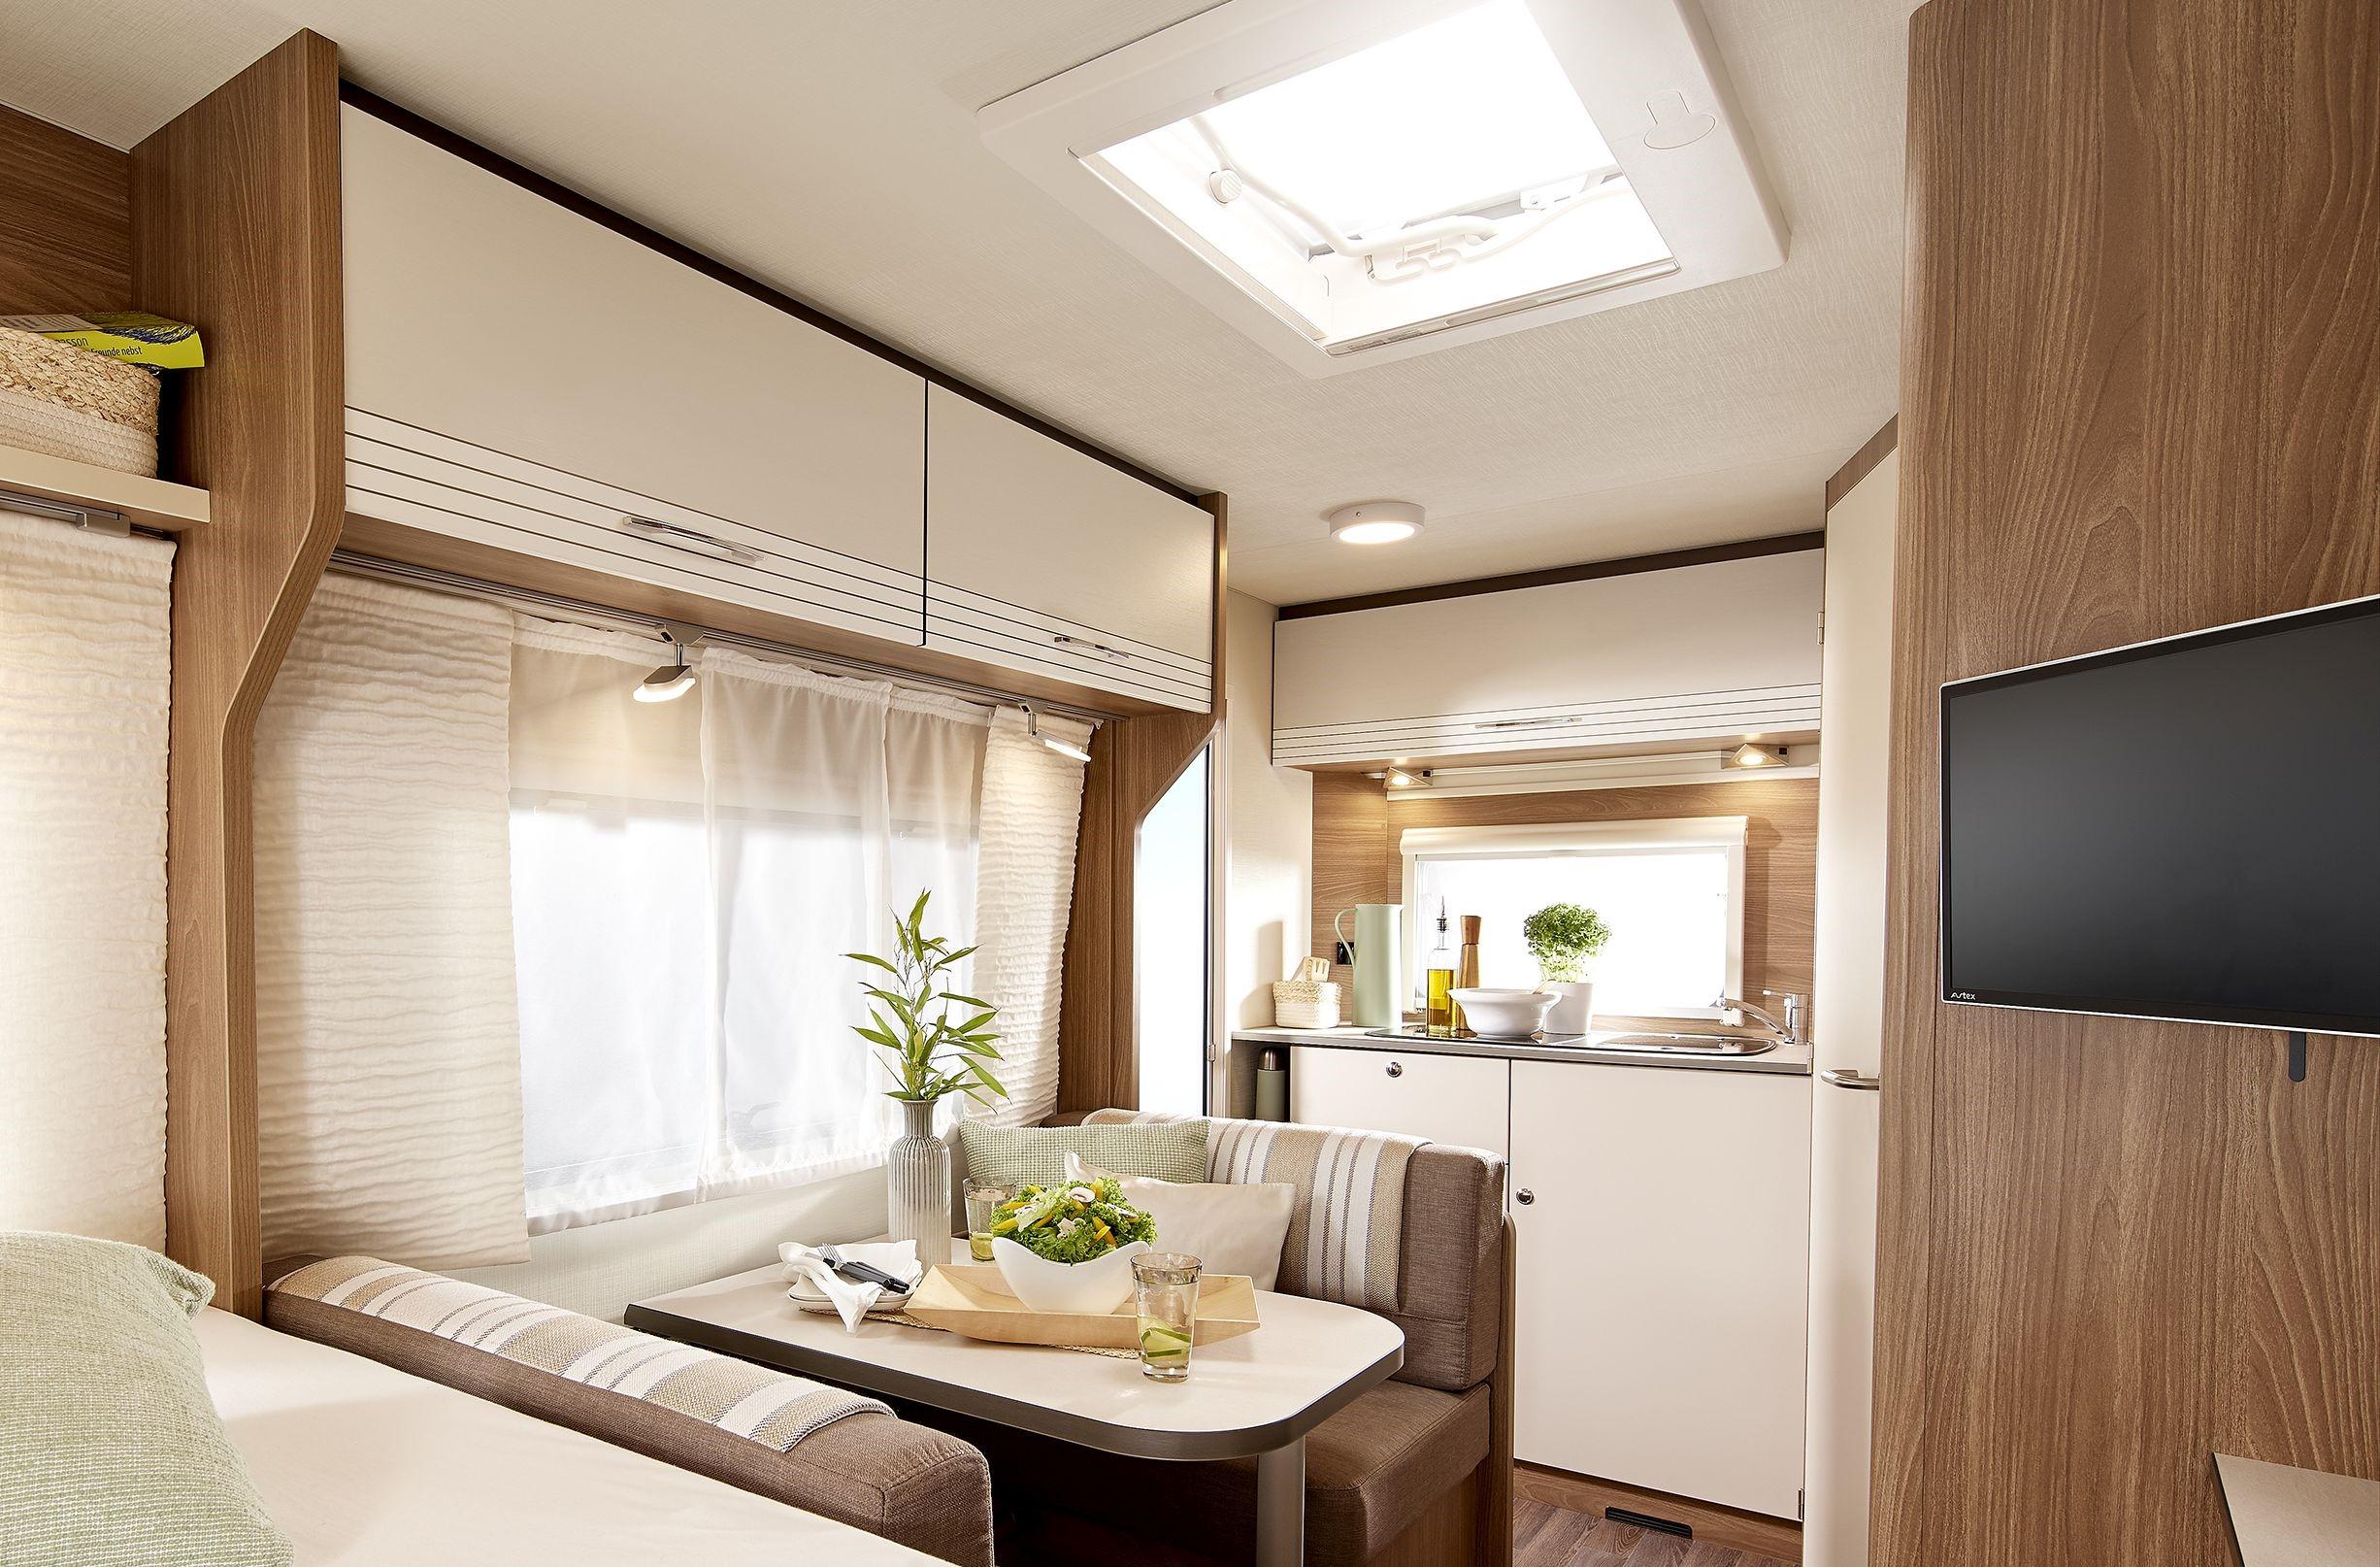 Lille eller stor campingvogn - 2020 modeller fra 360-650cm